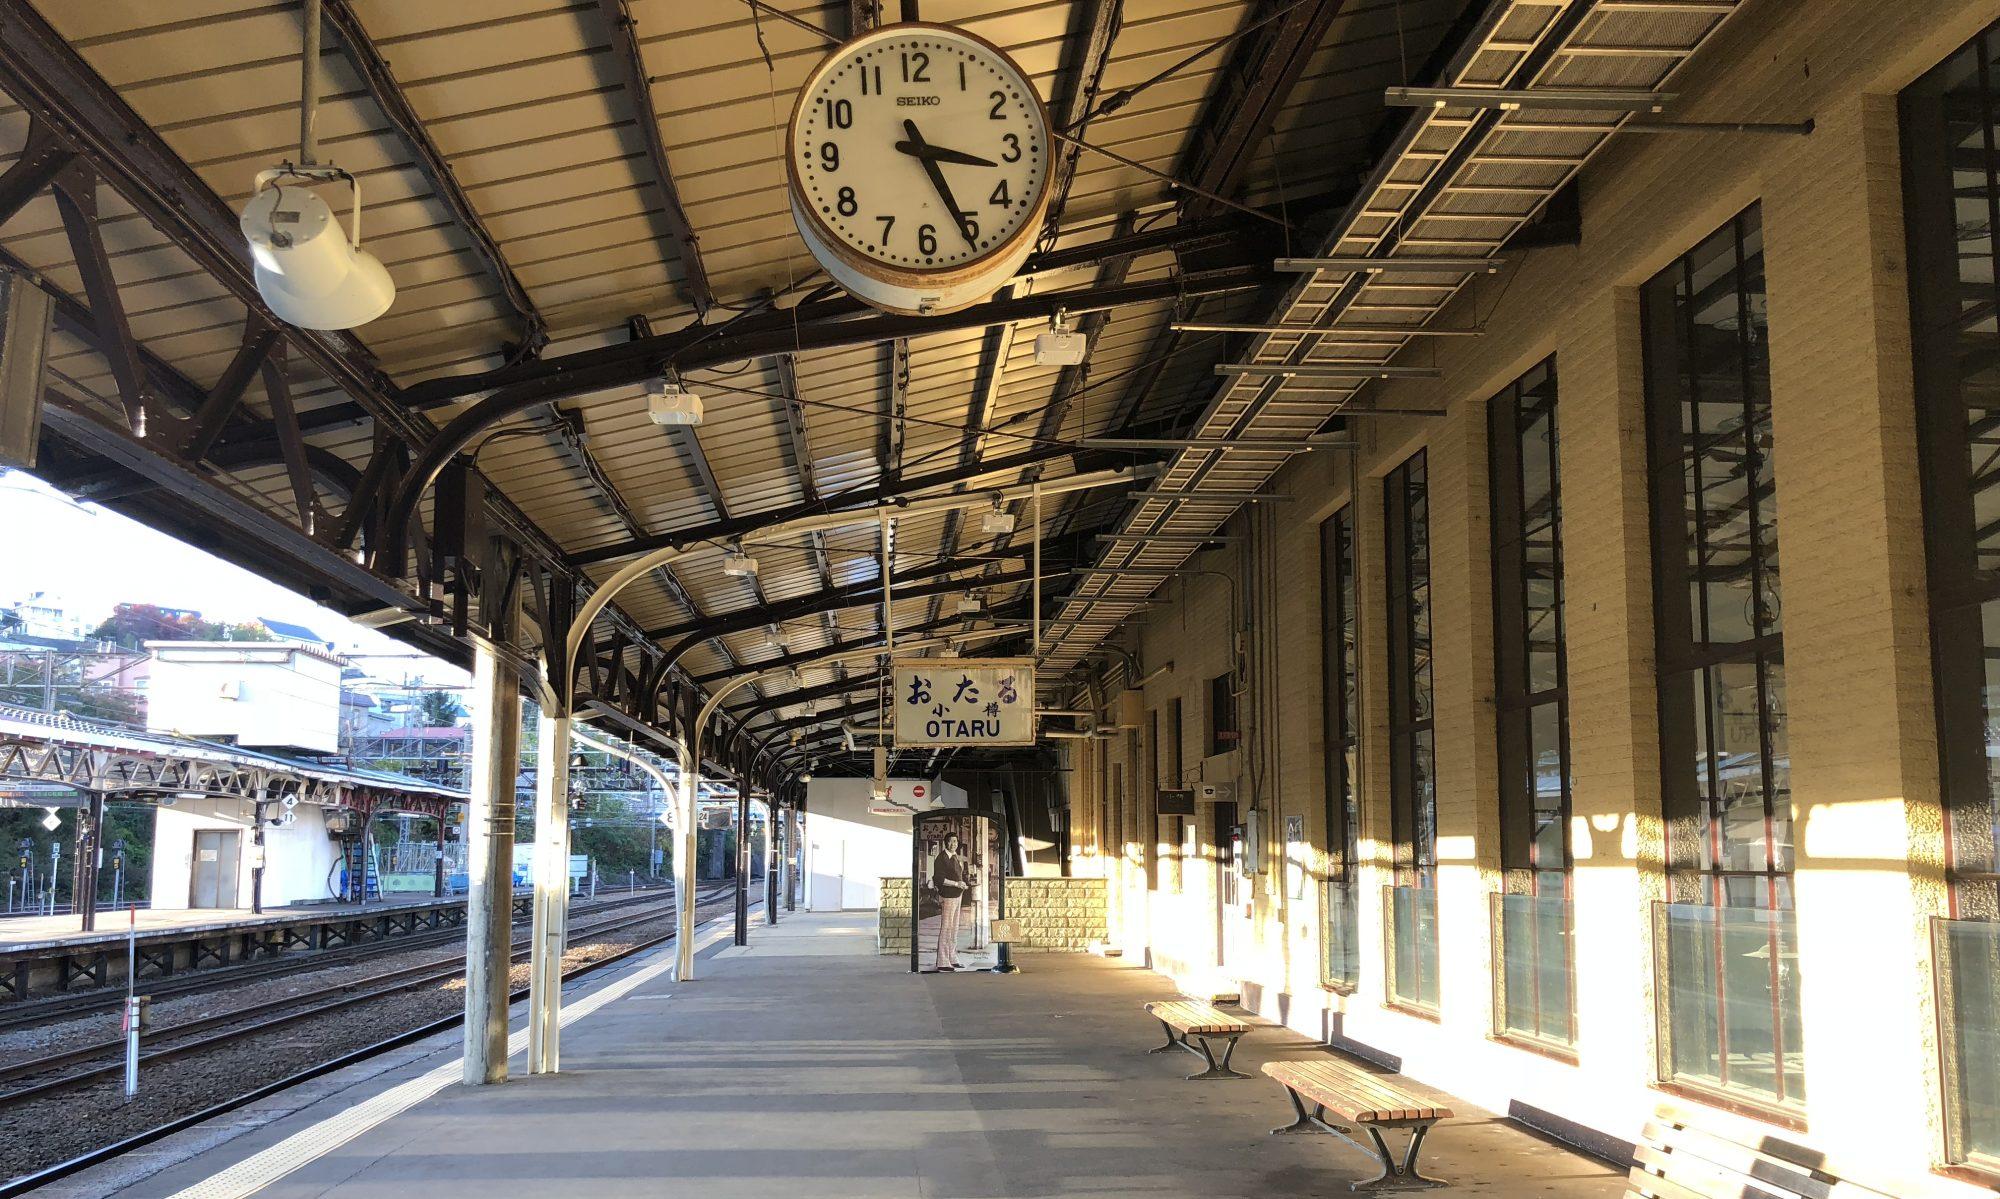 mcje Station / 隨夢飛翔 工作站